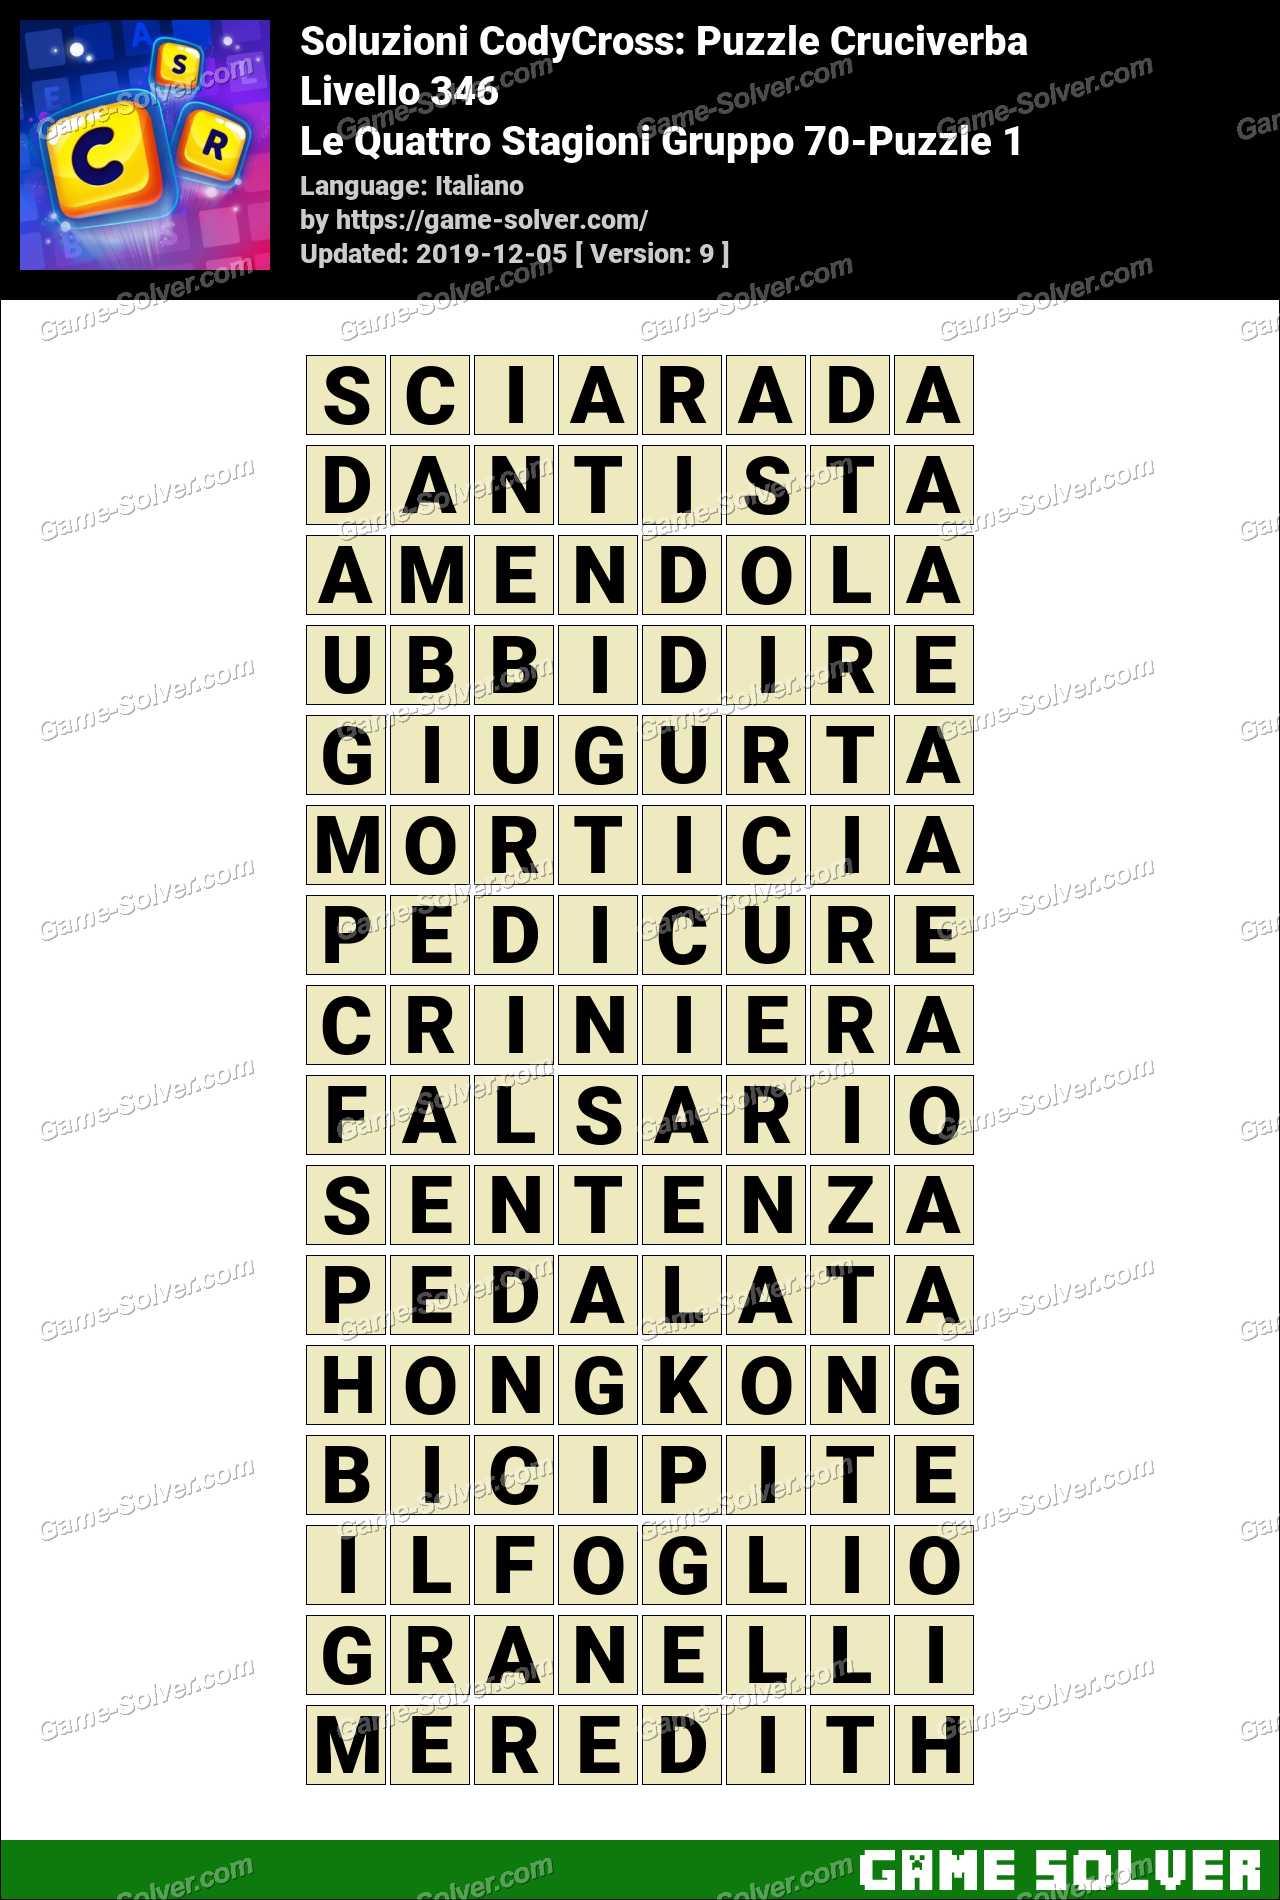 Soluzioni CodyCross Le Quattro Stagioni Gruppo 70-Puzzle 1